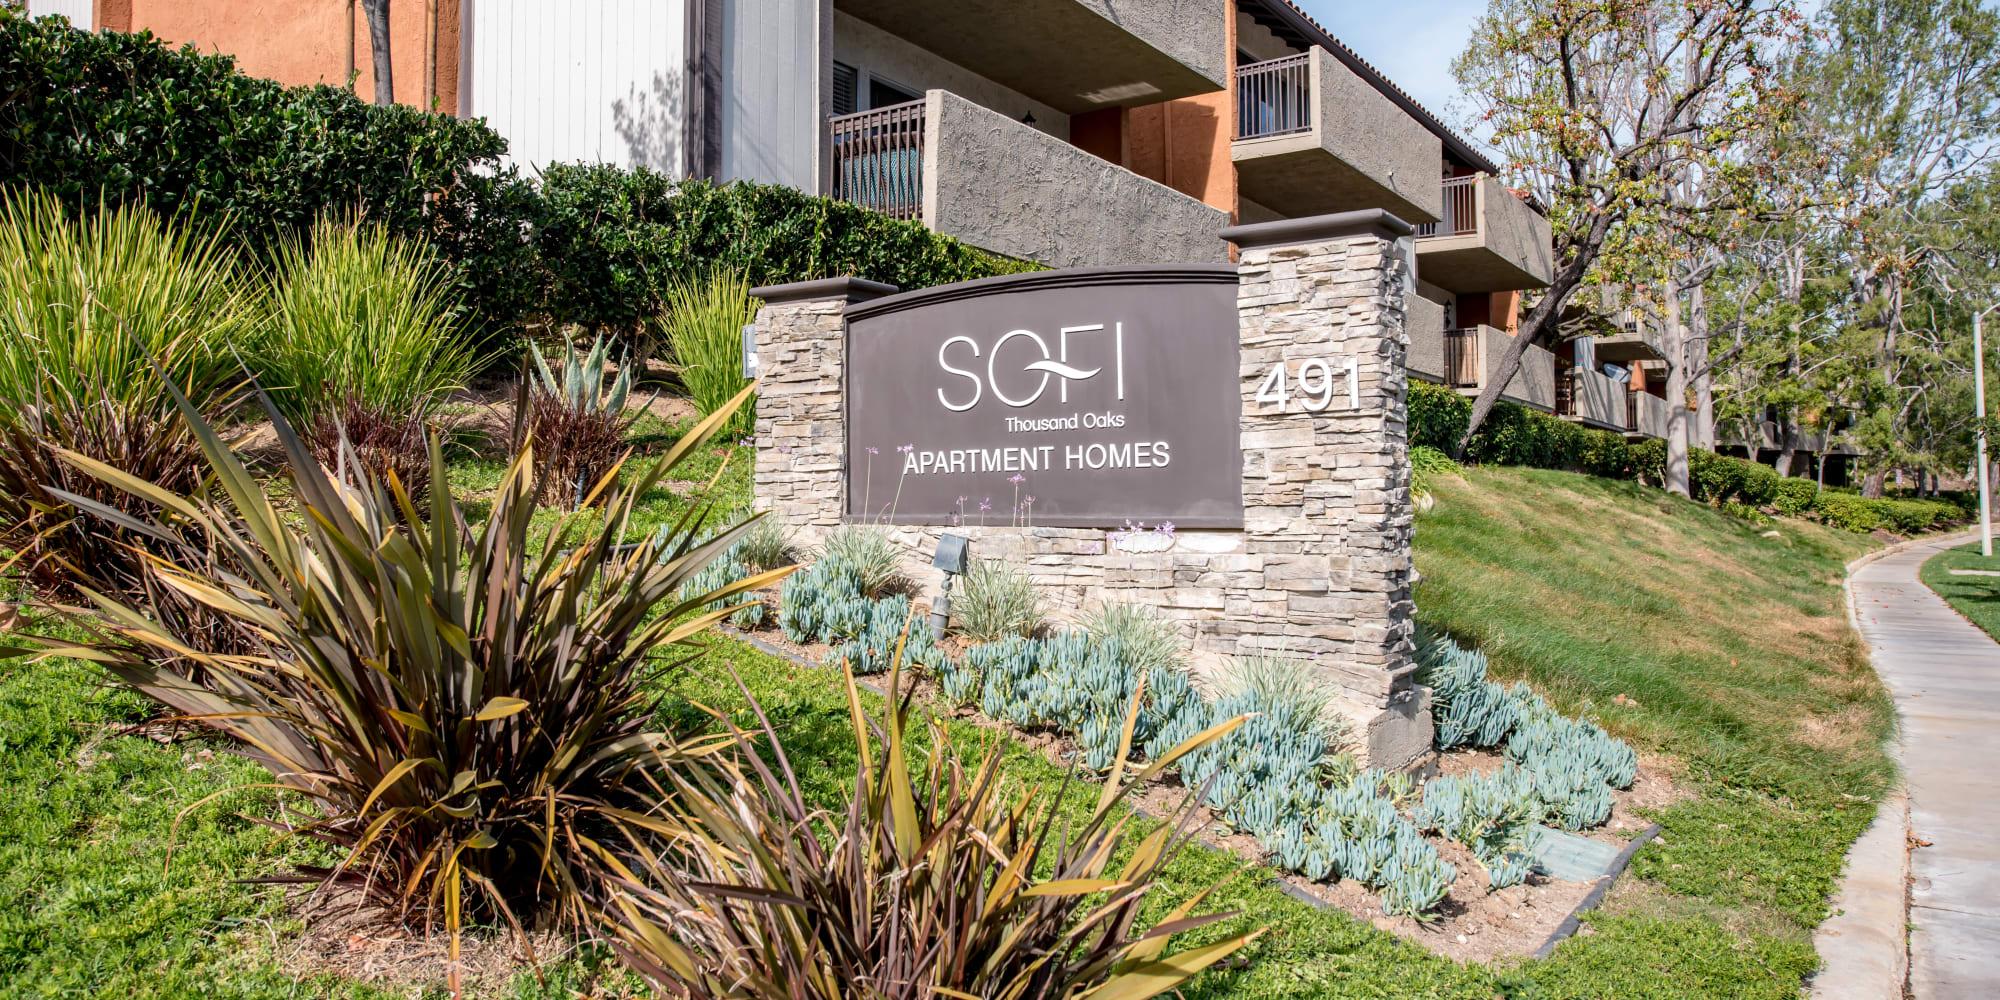 Apartments at Sofi Thousand Oaks in Thousand Oaks, California